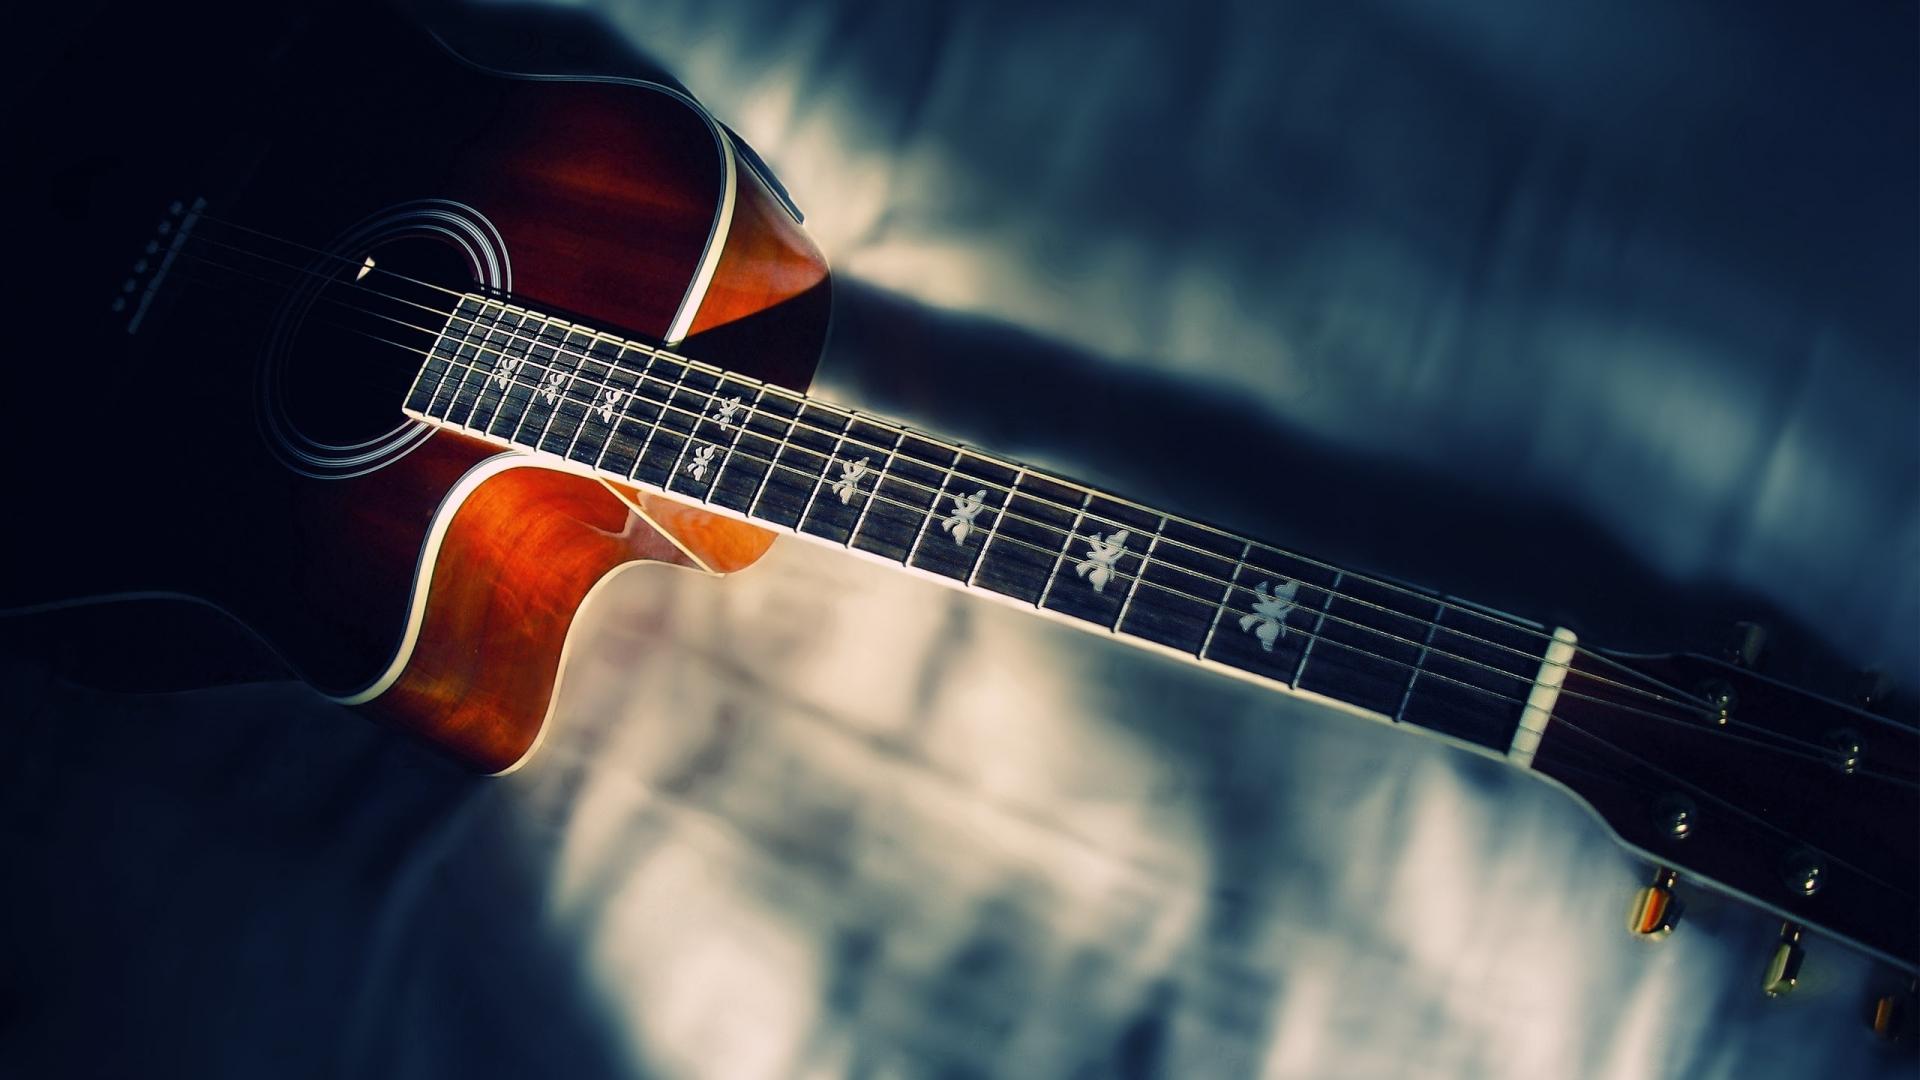 guitarfc.com_Guitar Bg (7)